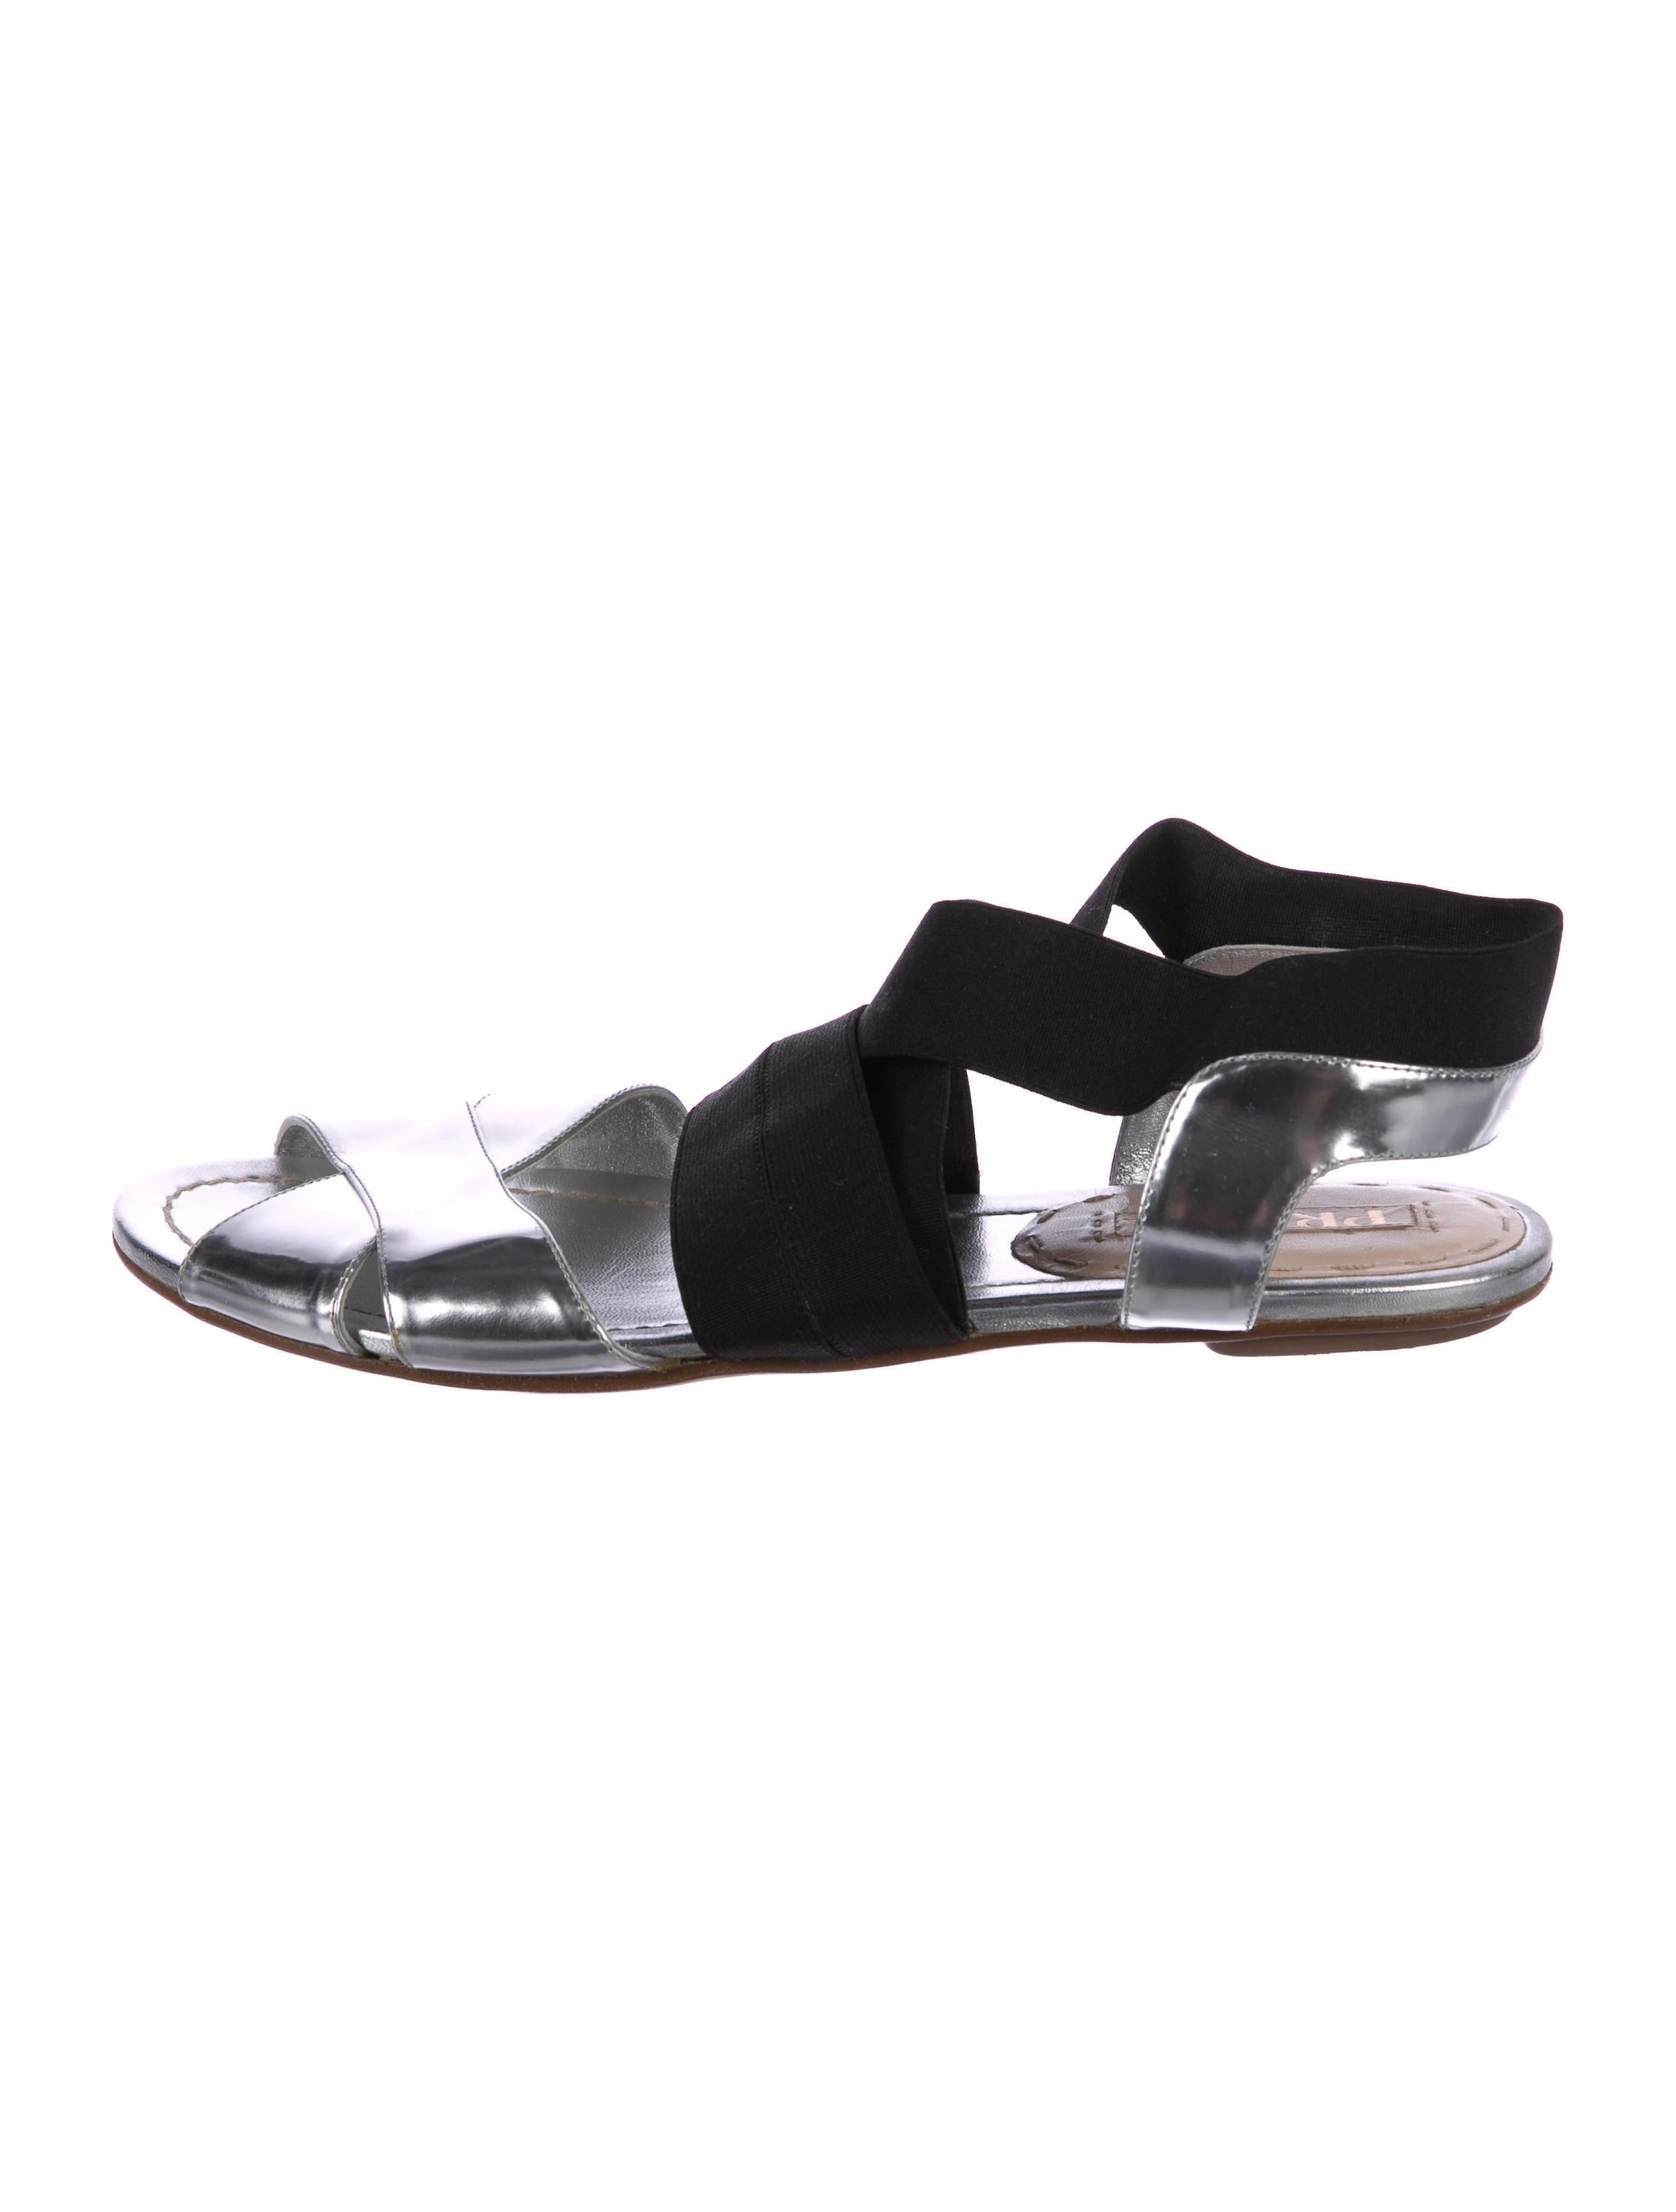 pre order cheap online Prada Metallic Crossover Sandals largest supplier sale online hot sale cheap online marketable online Red pre order eastbay ZQYSuF9